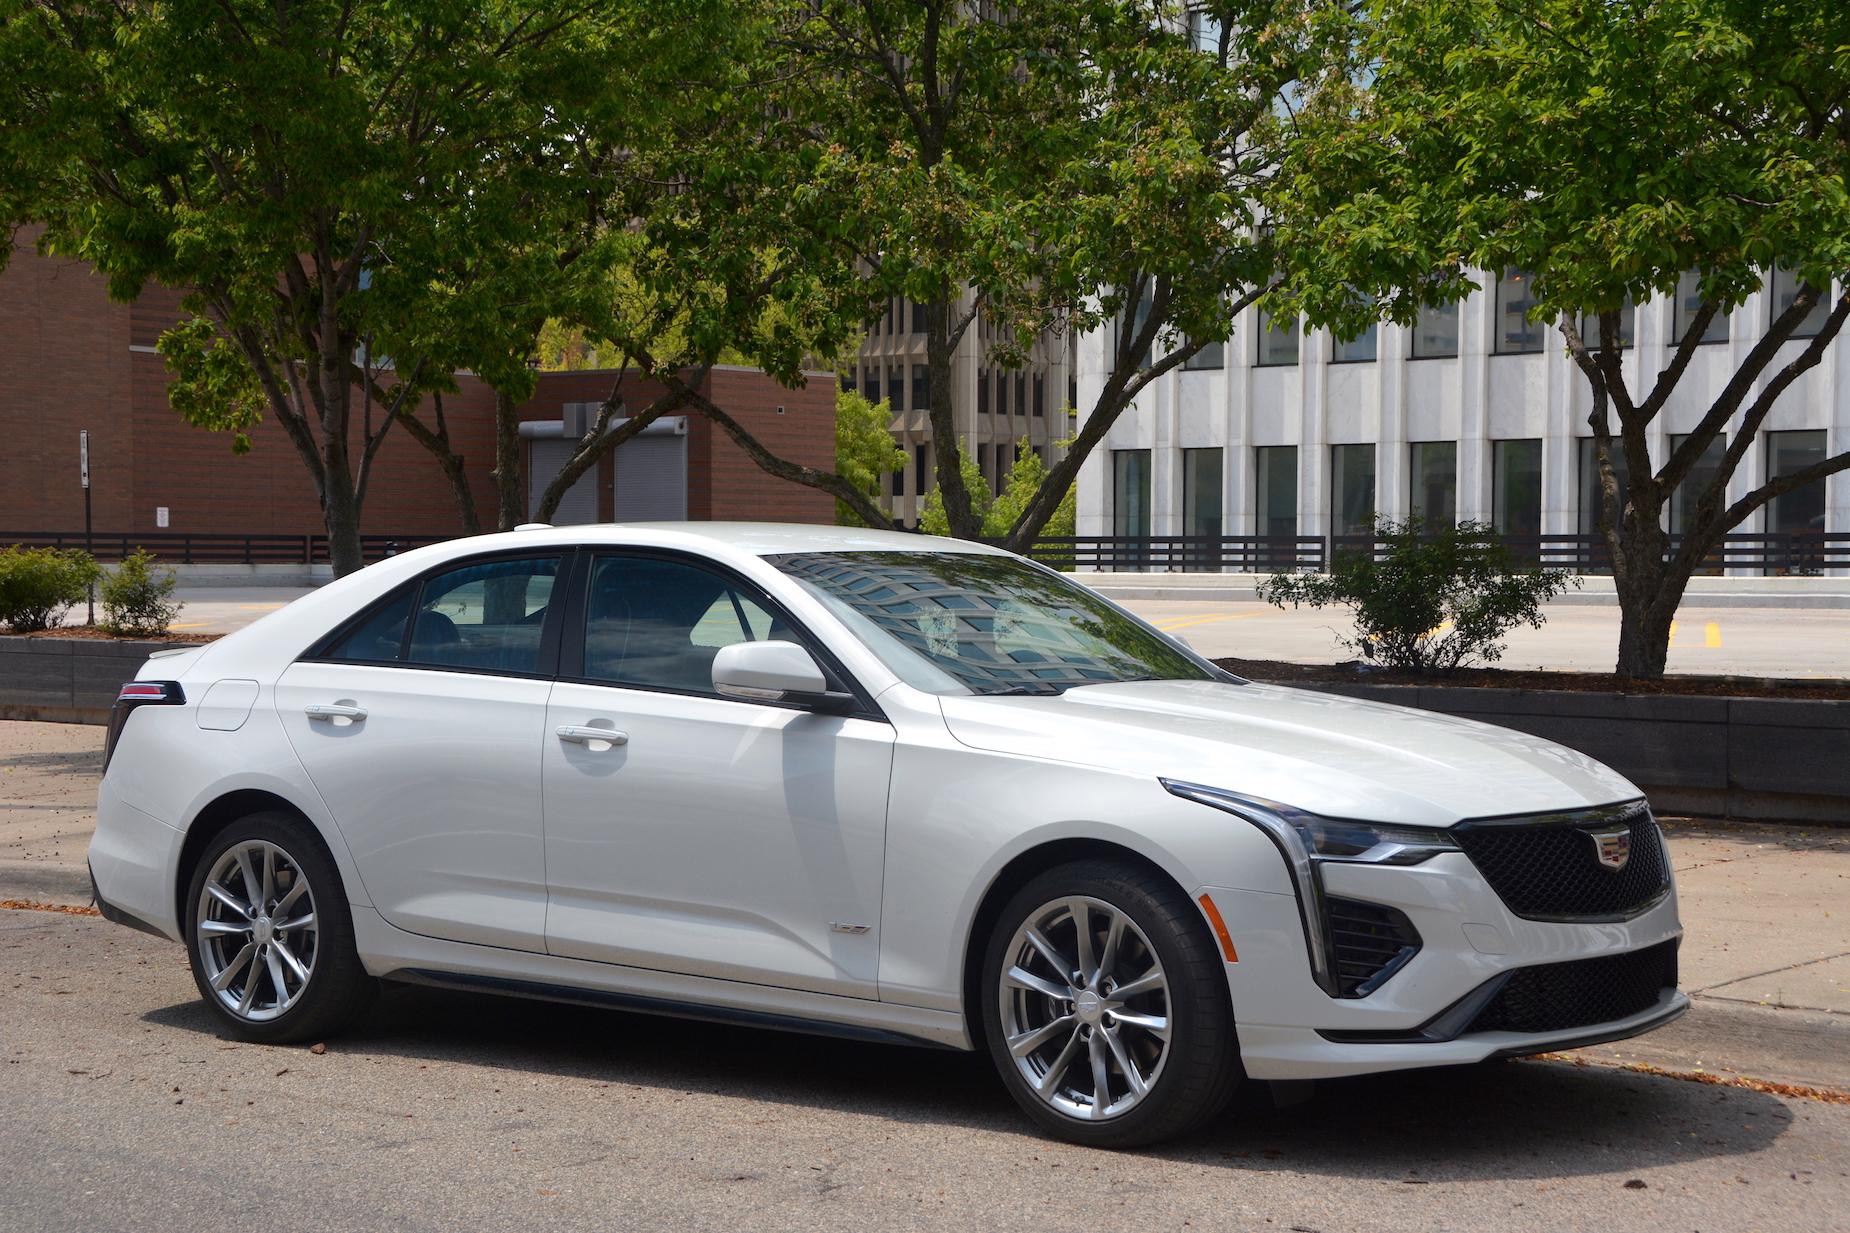 2021 Cadillac CT4-V review